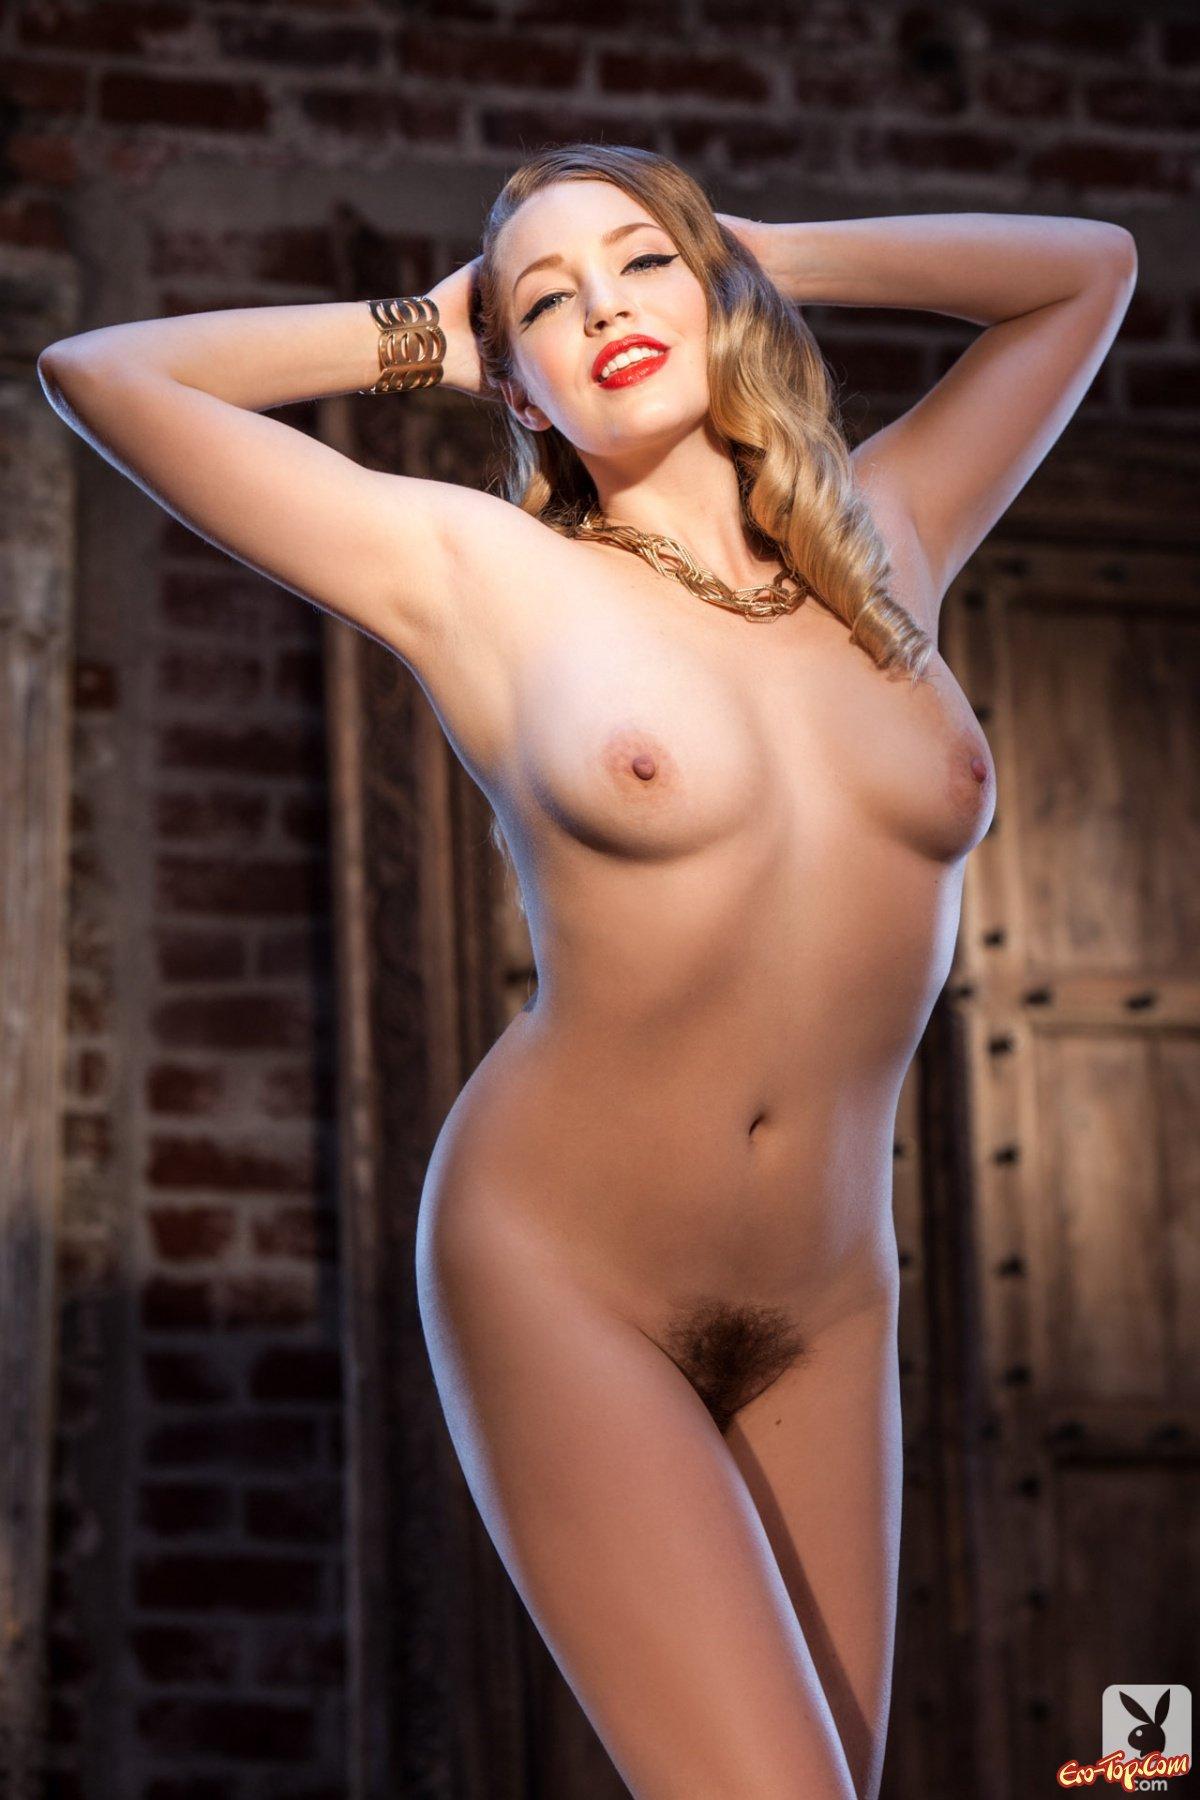 Красивая похотливая блондинка смотреть эротику